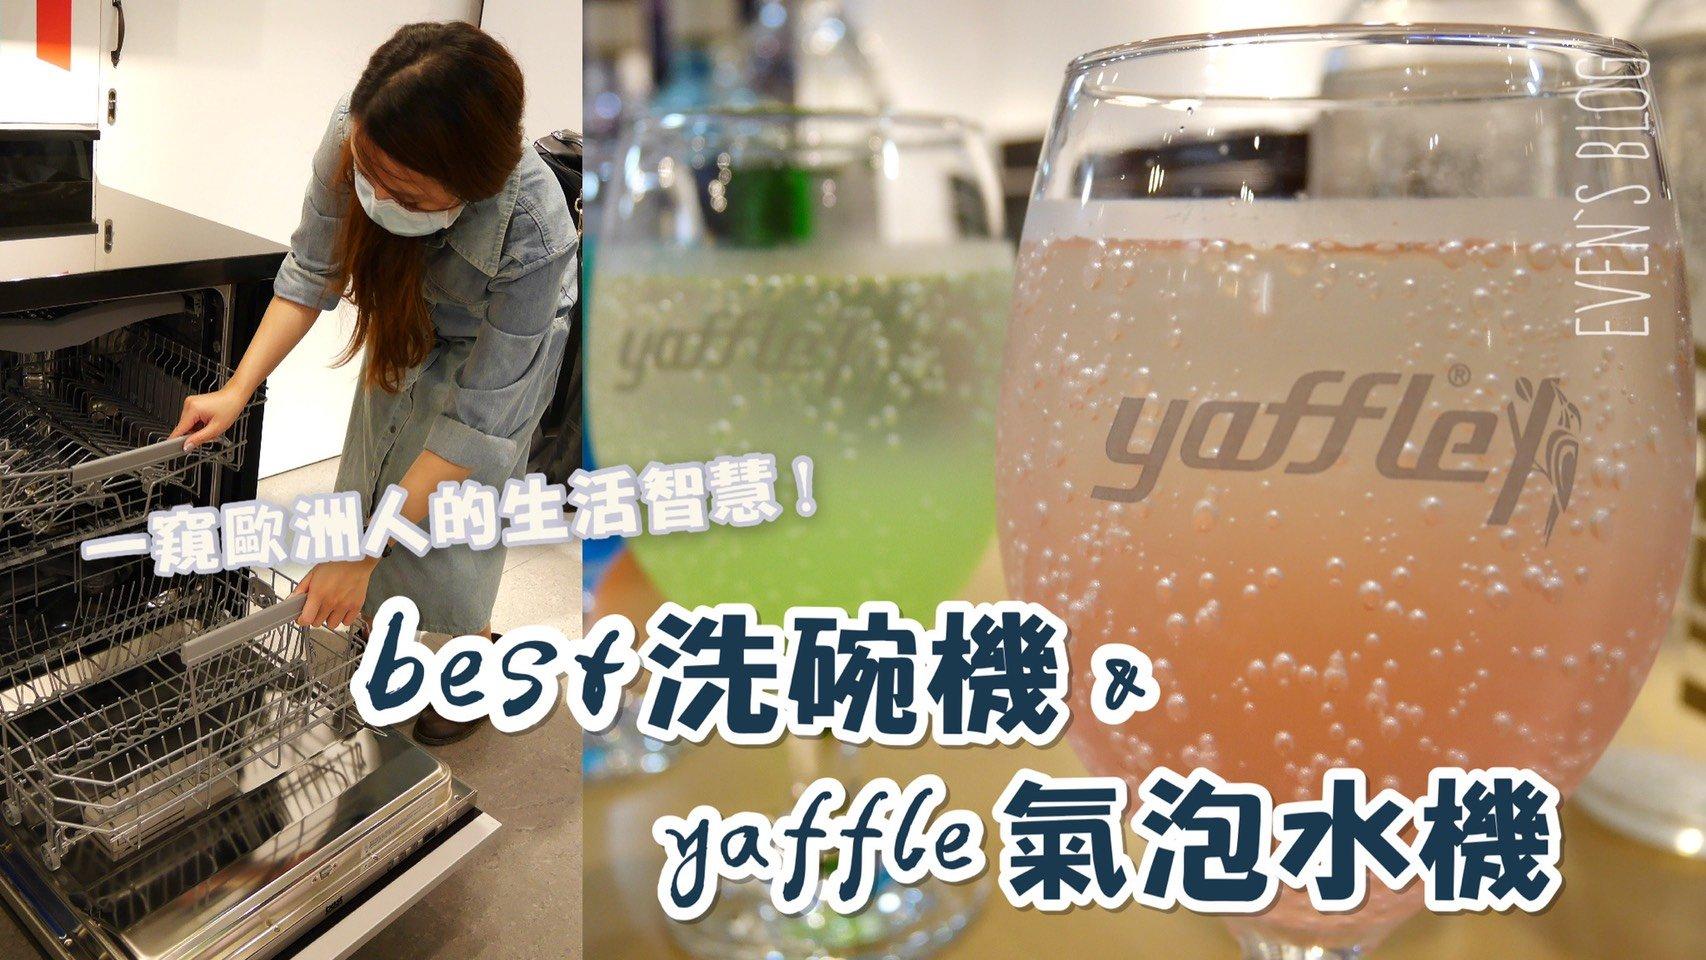 【分享】一窺歐洲人生活智慧!best洗碗機&yaffle氣泡水機參訪分享♥